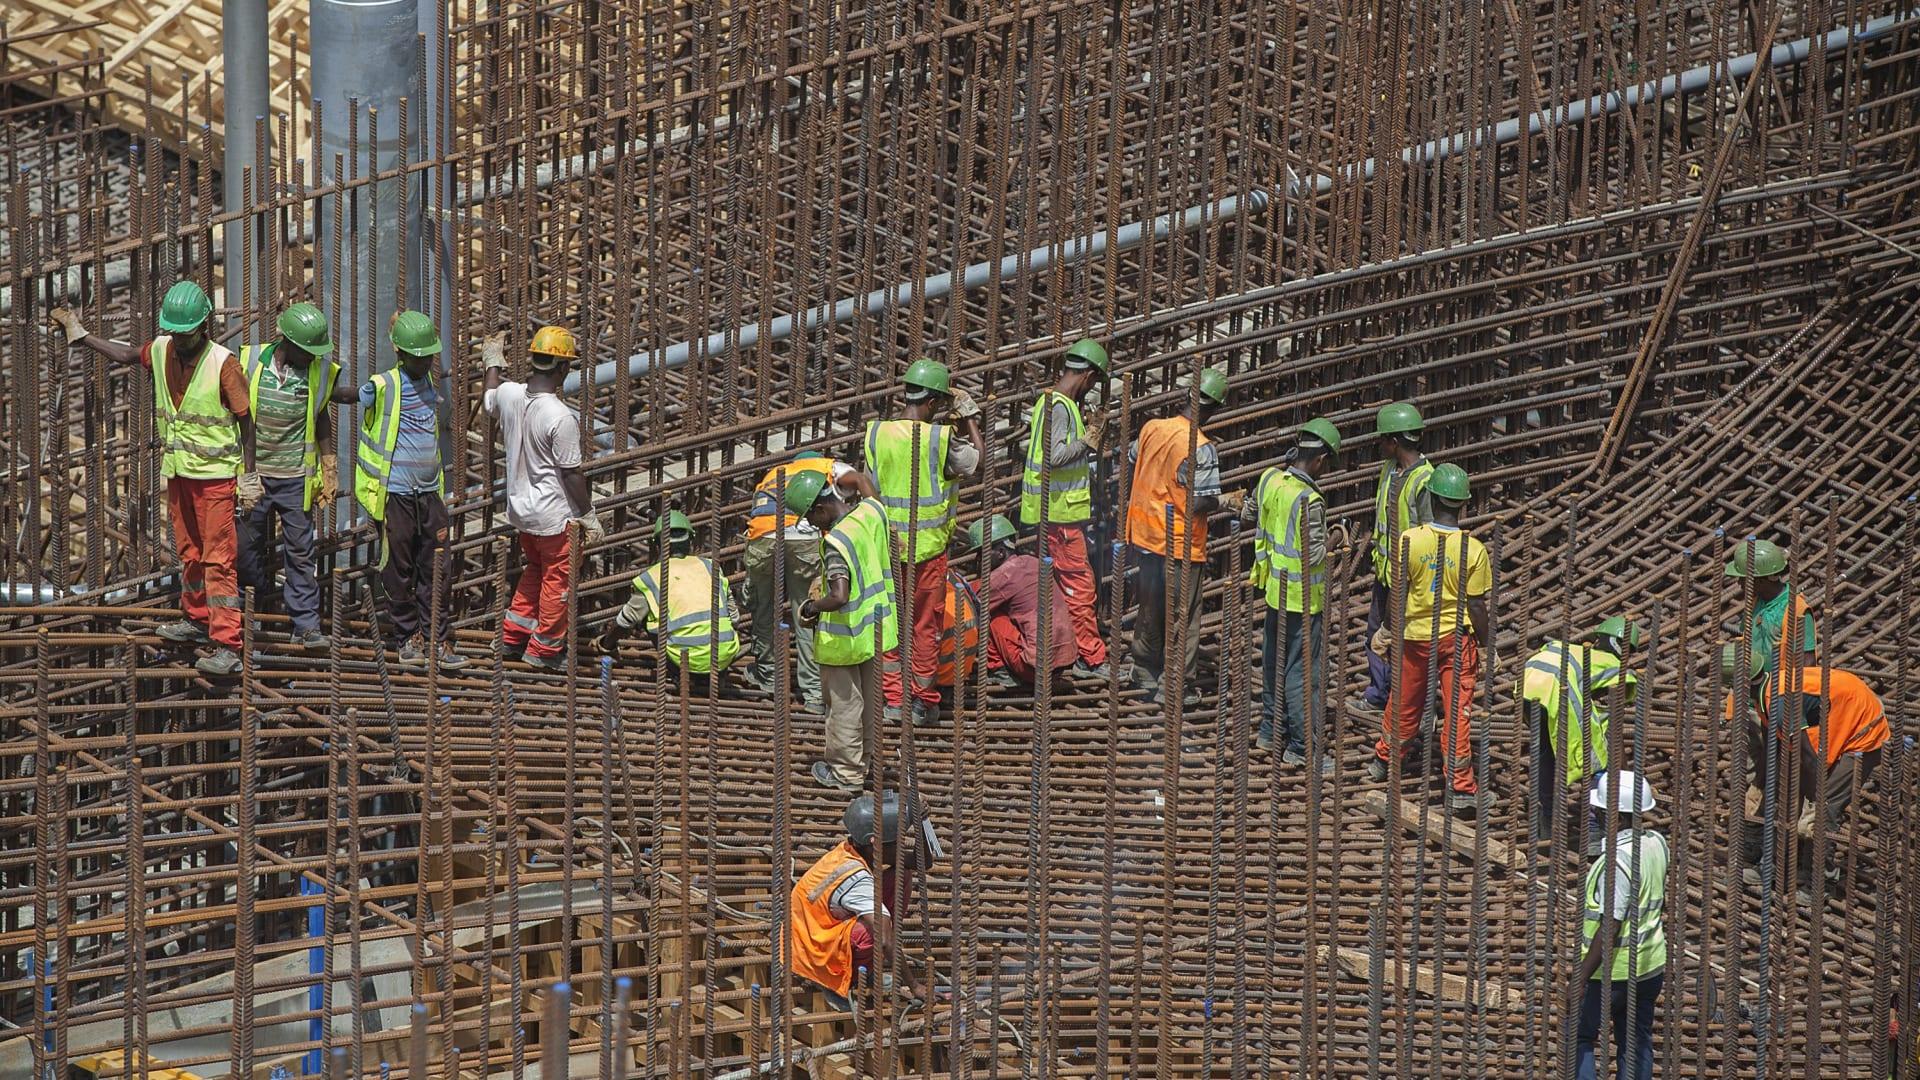 إثيوبيا: موظفو سد النهضة مضربون منذ 3 أيام